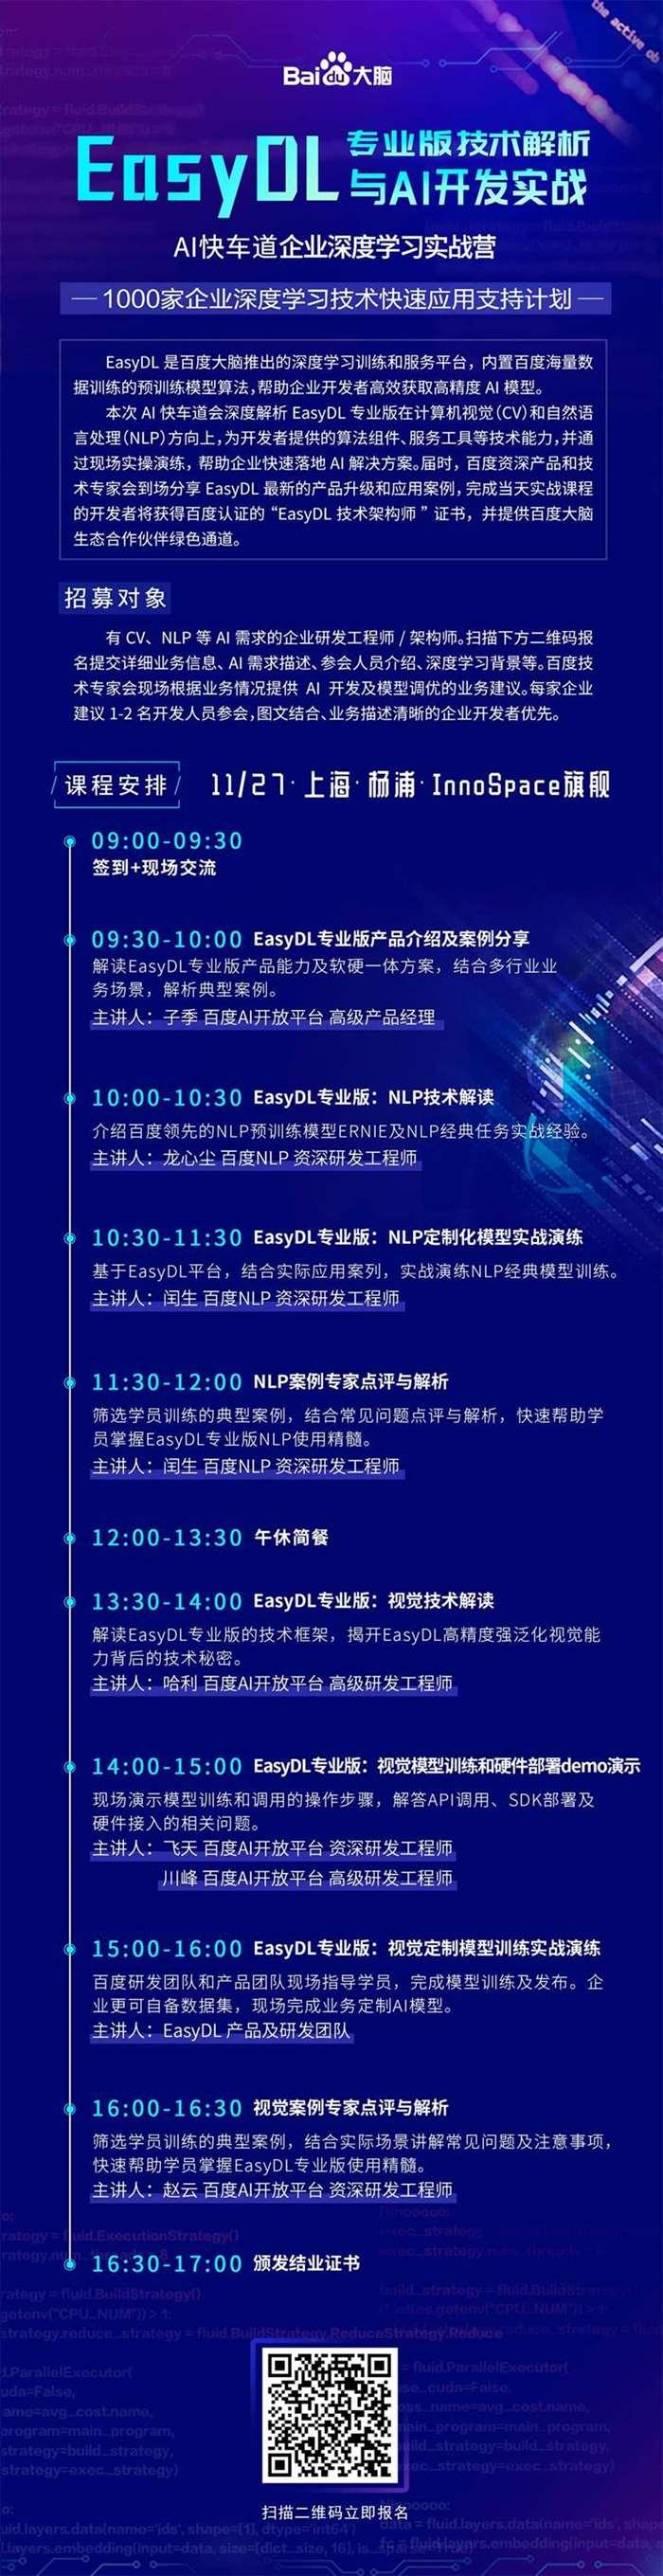 EasyDL专业版技术揭秘与实践应用11.27(午休).jpg